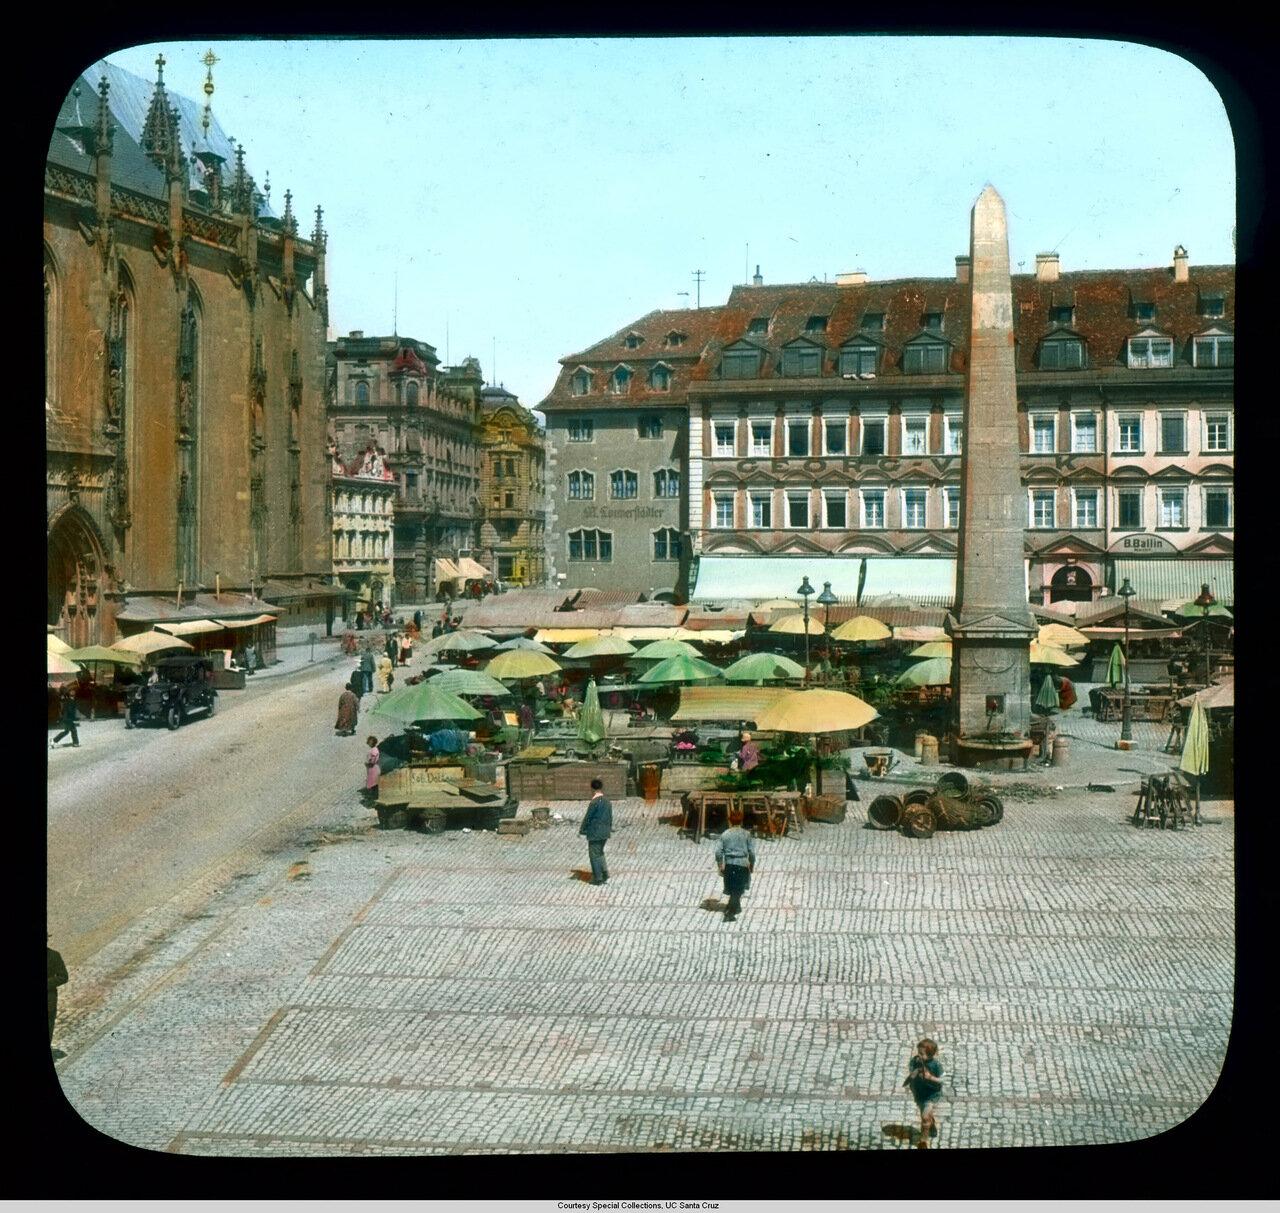 Вюрцбург. Рыночная площадь с часовней Святой Марии слева и обелиском в центре